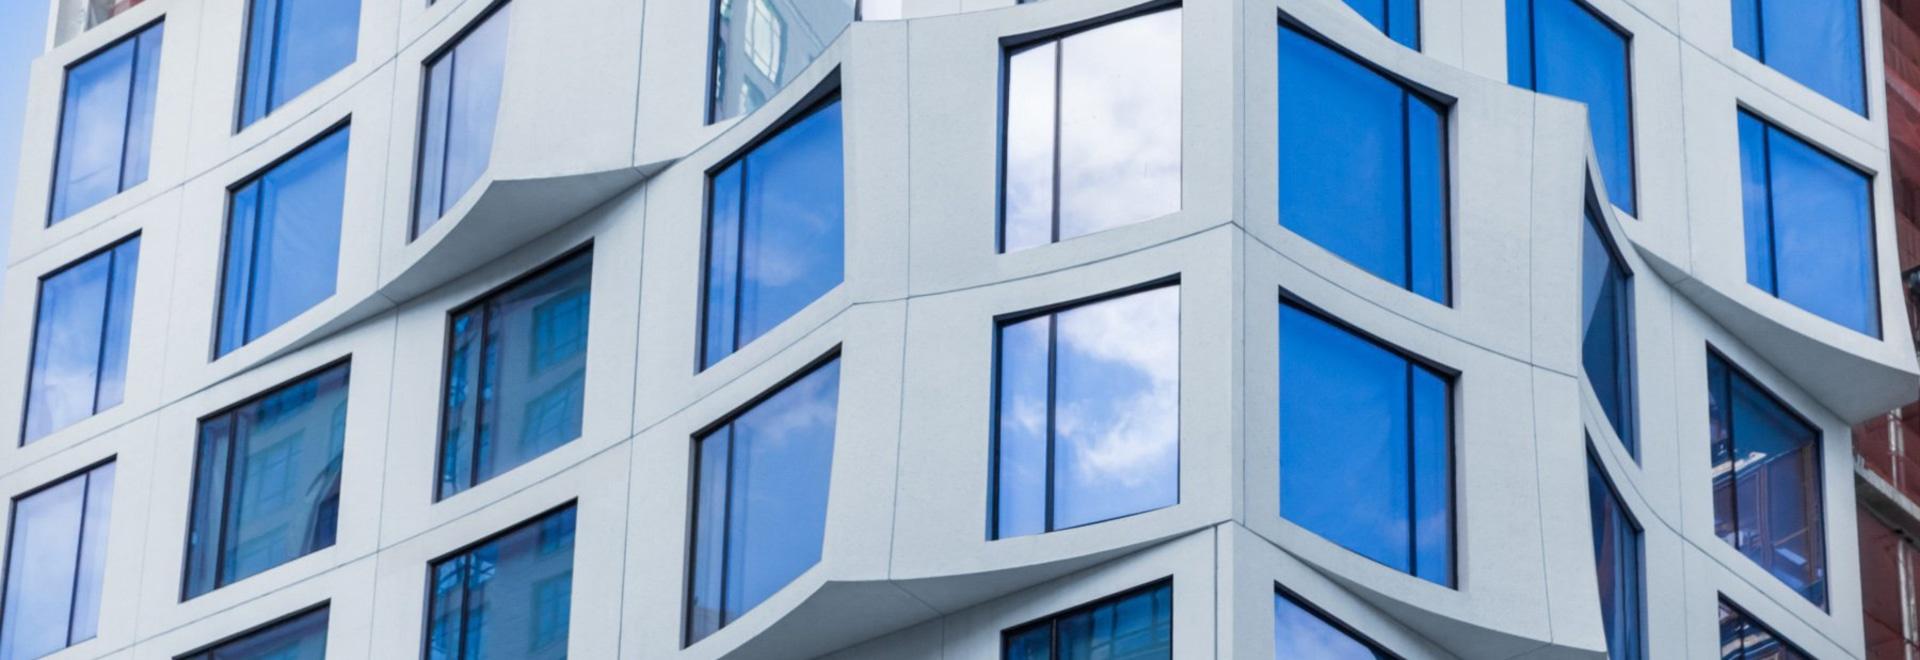 11 hoyt, une tour résidentielle de luxe par un gang de studios, au sommet du centre-ville de Brooklyn